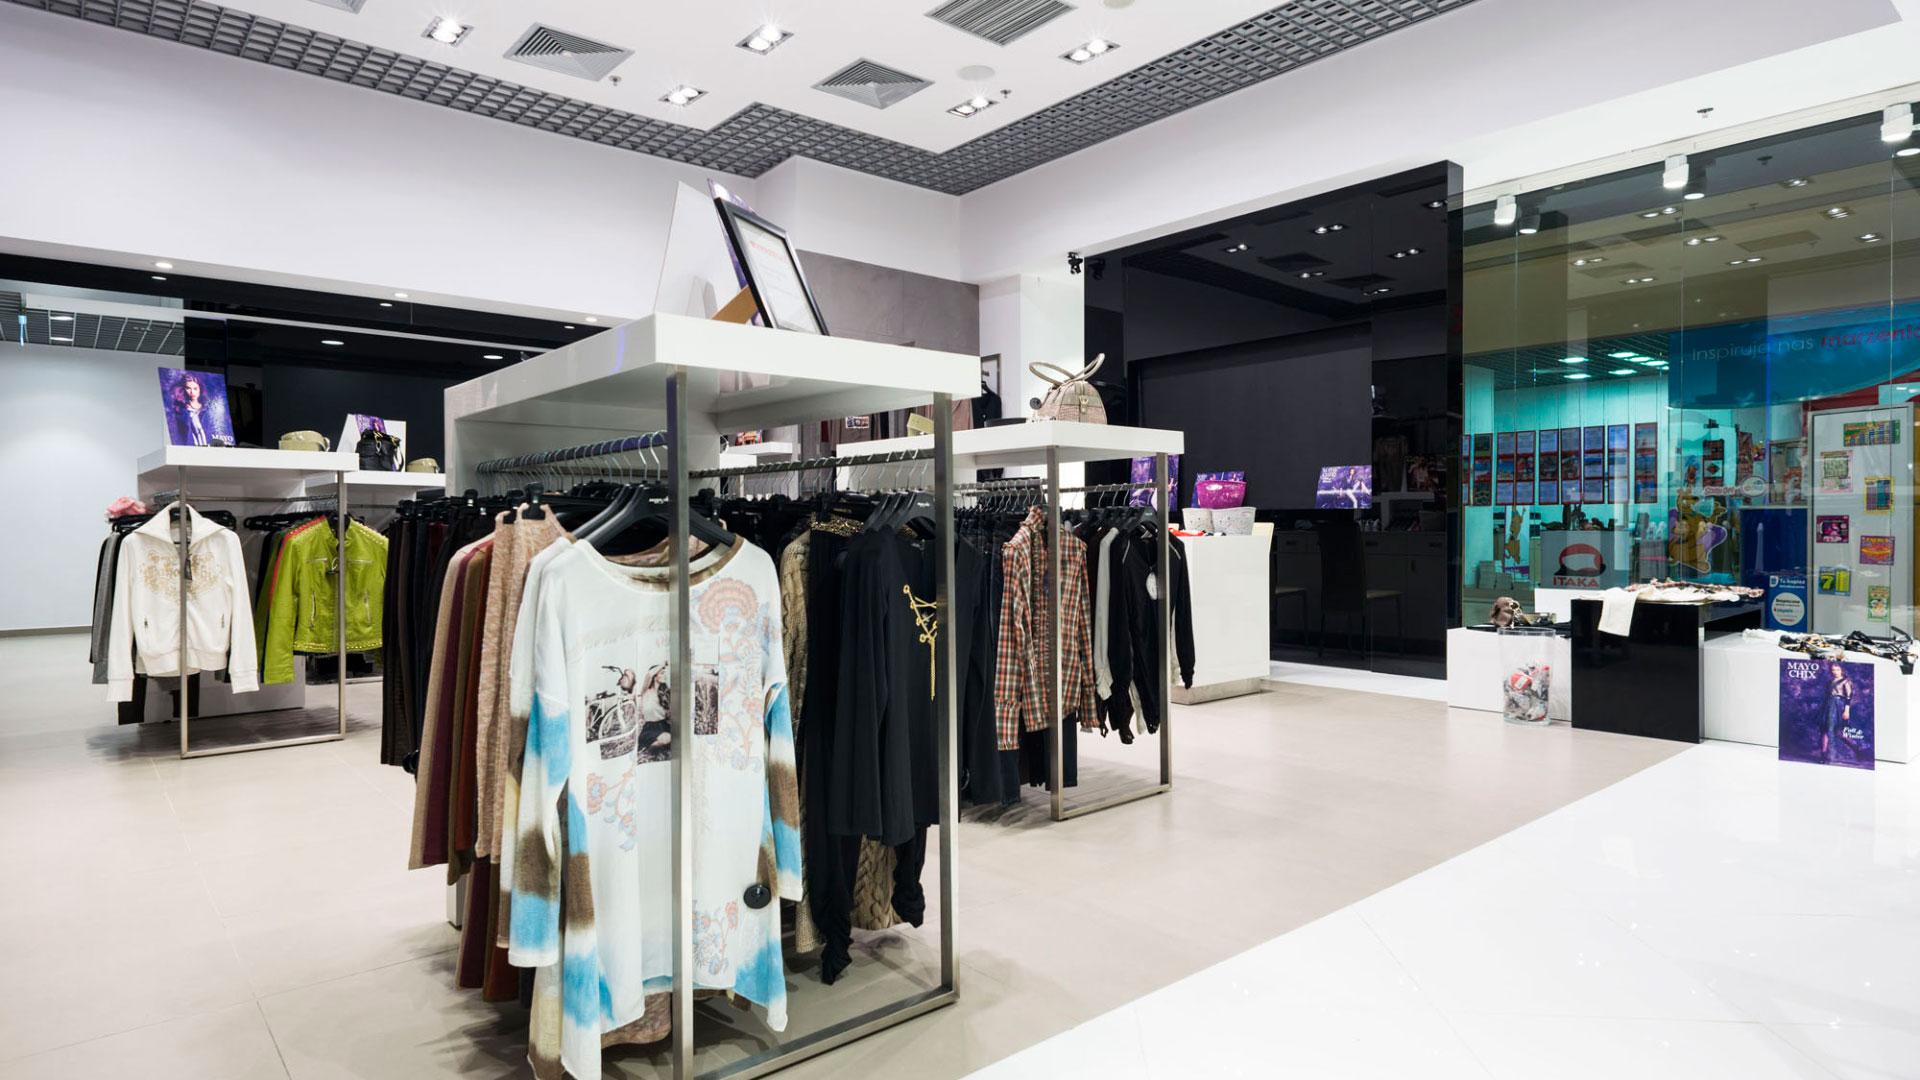 Zupełnie nowe 13 Najczęściej popełnianych błędów w oświetleniu sklepów • Lumiverso ZO86